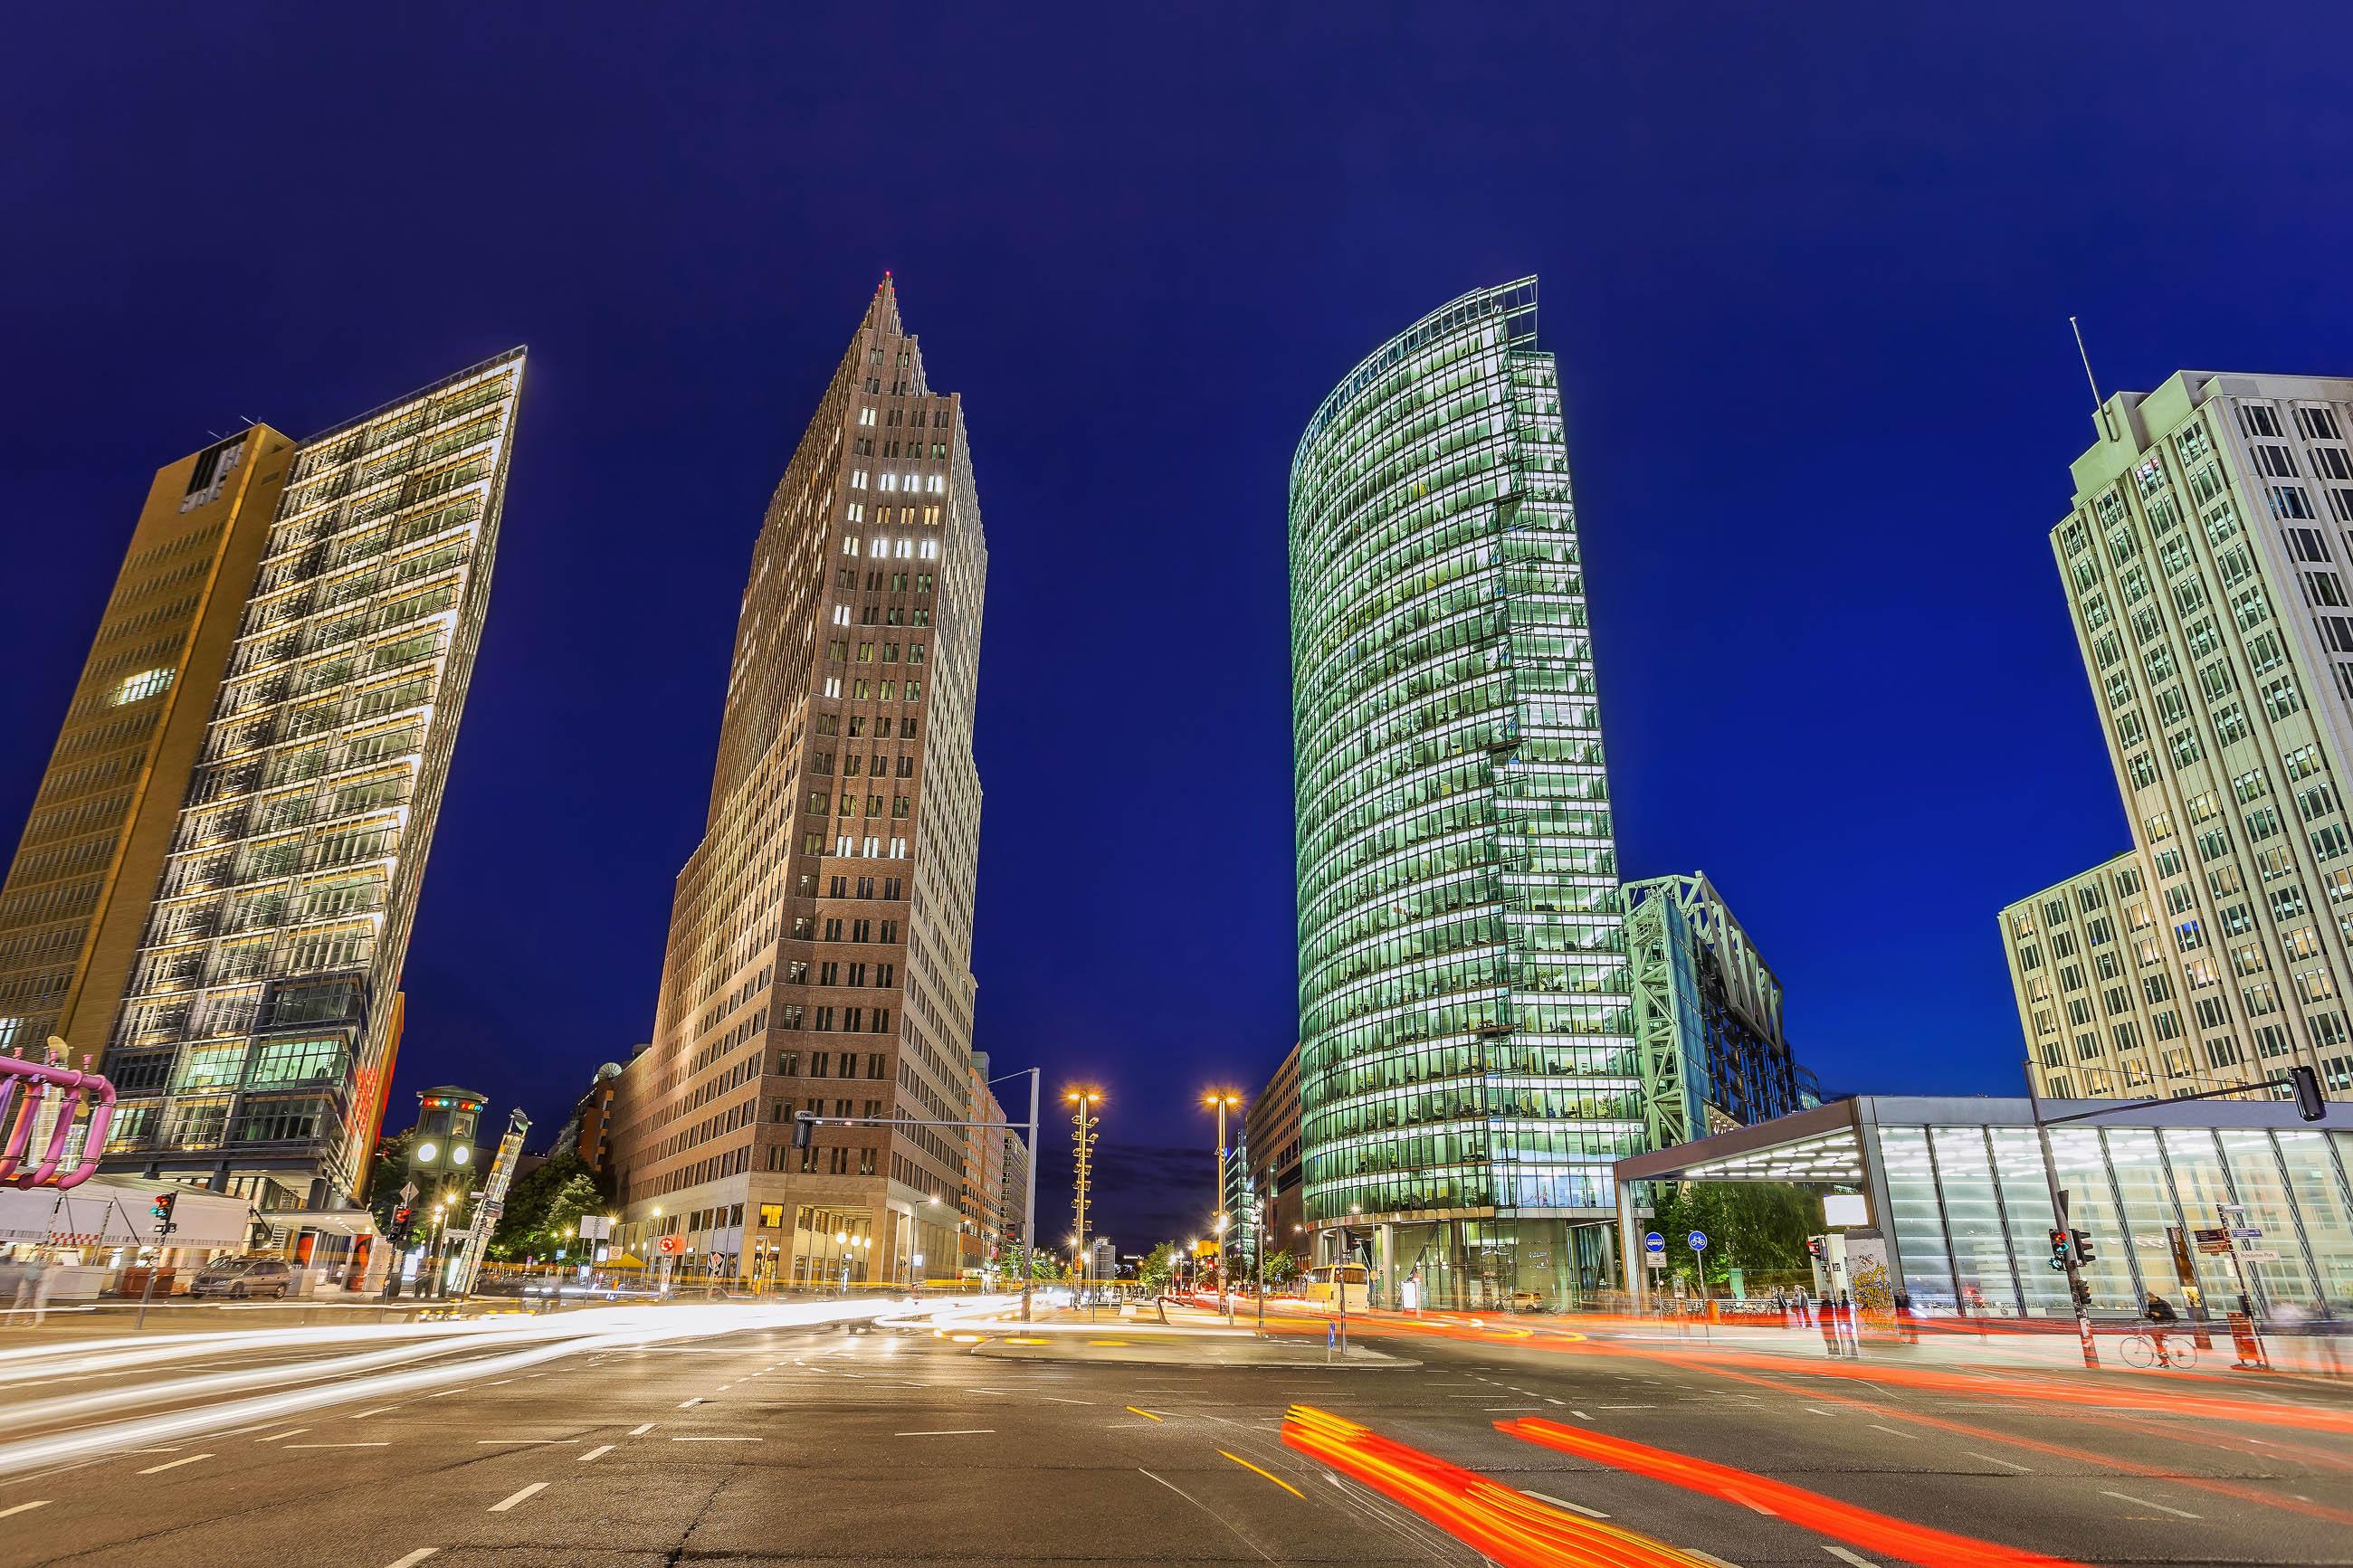 Г¶ffnungszeiten Potsdamer Platz